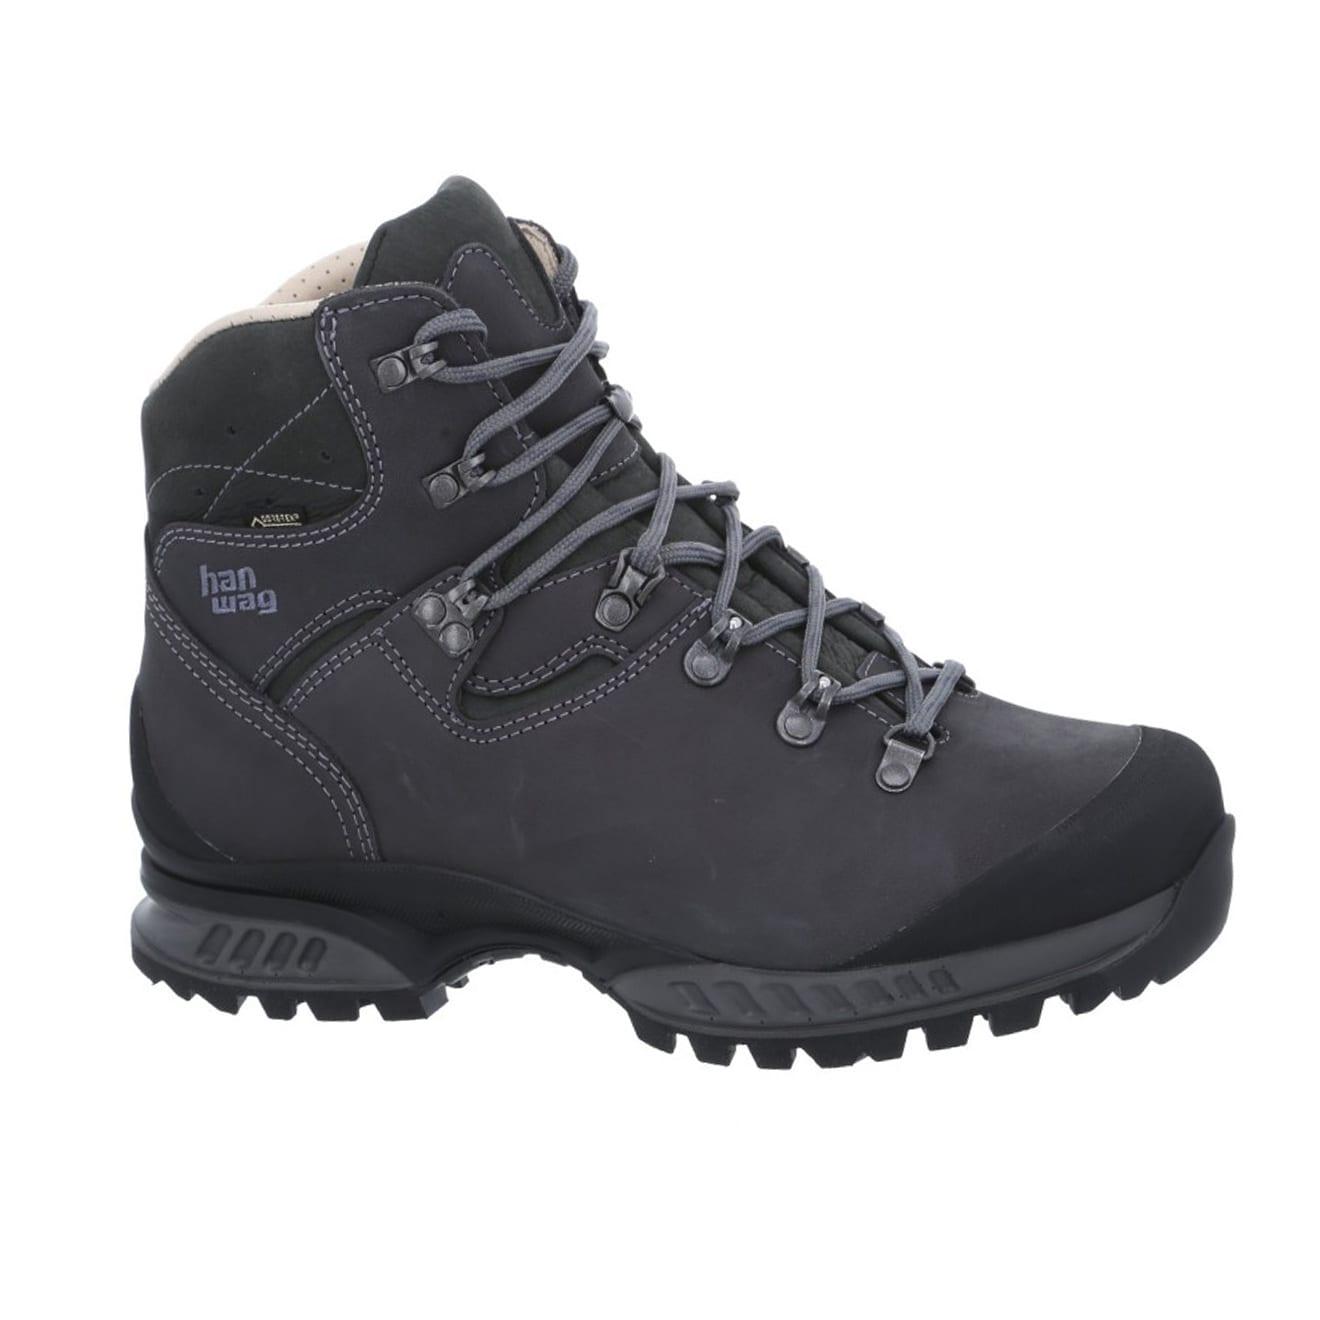 Hanwag Tatra II GTX Walking Boots Asphalt